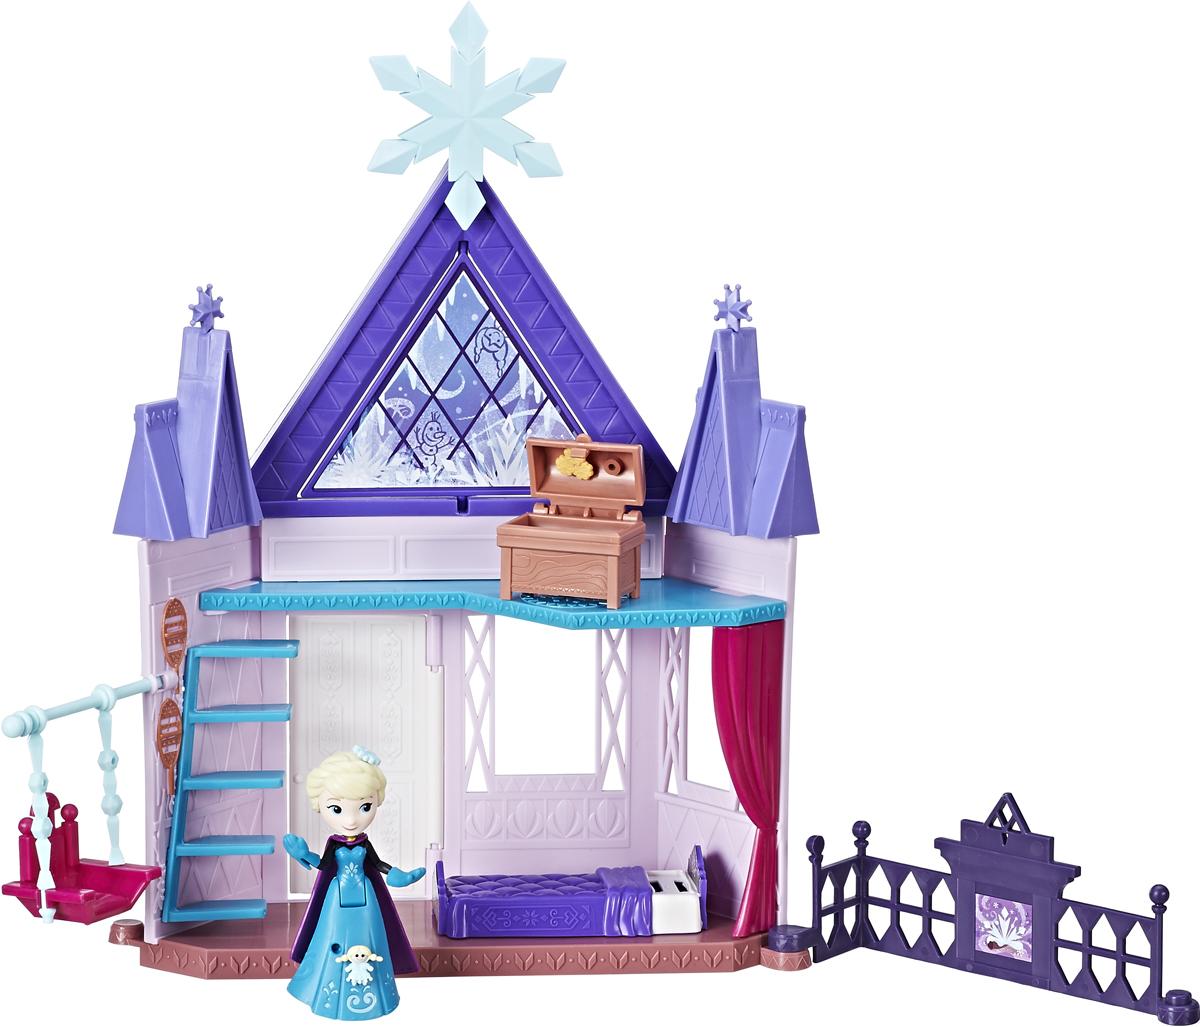 Disney Frozen Игровой набор Холодное сердцеСпальня Эльзы игровой набор disney frozen холодное сердце олаф